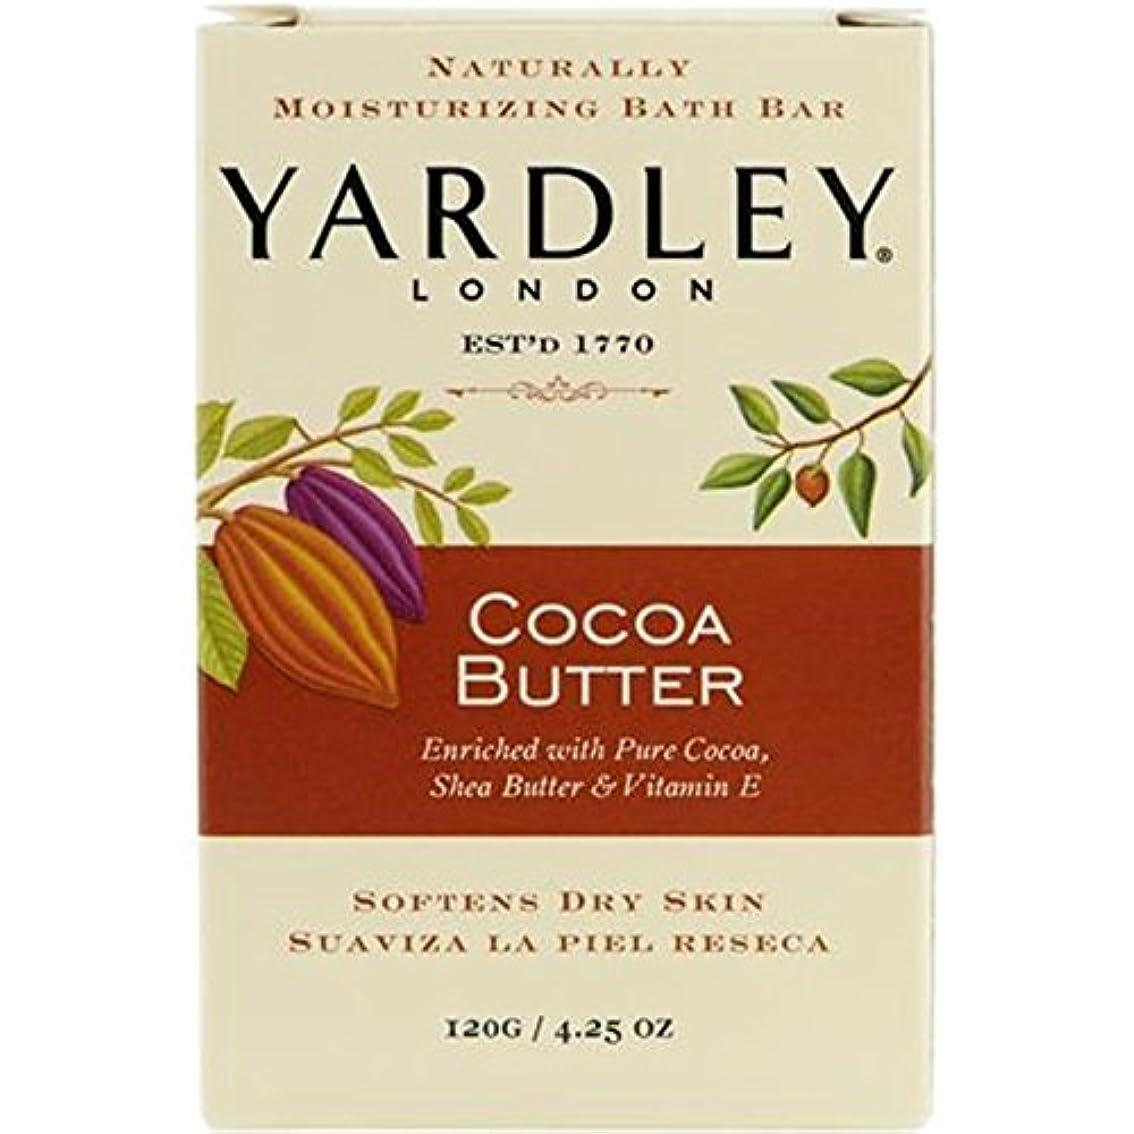 Yardley Cocoa Butter Bar Soap 120 g Soap